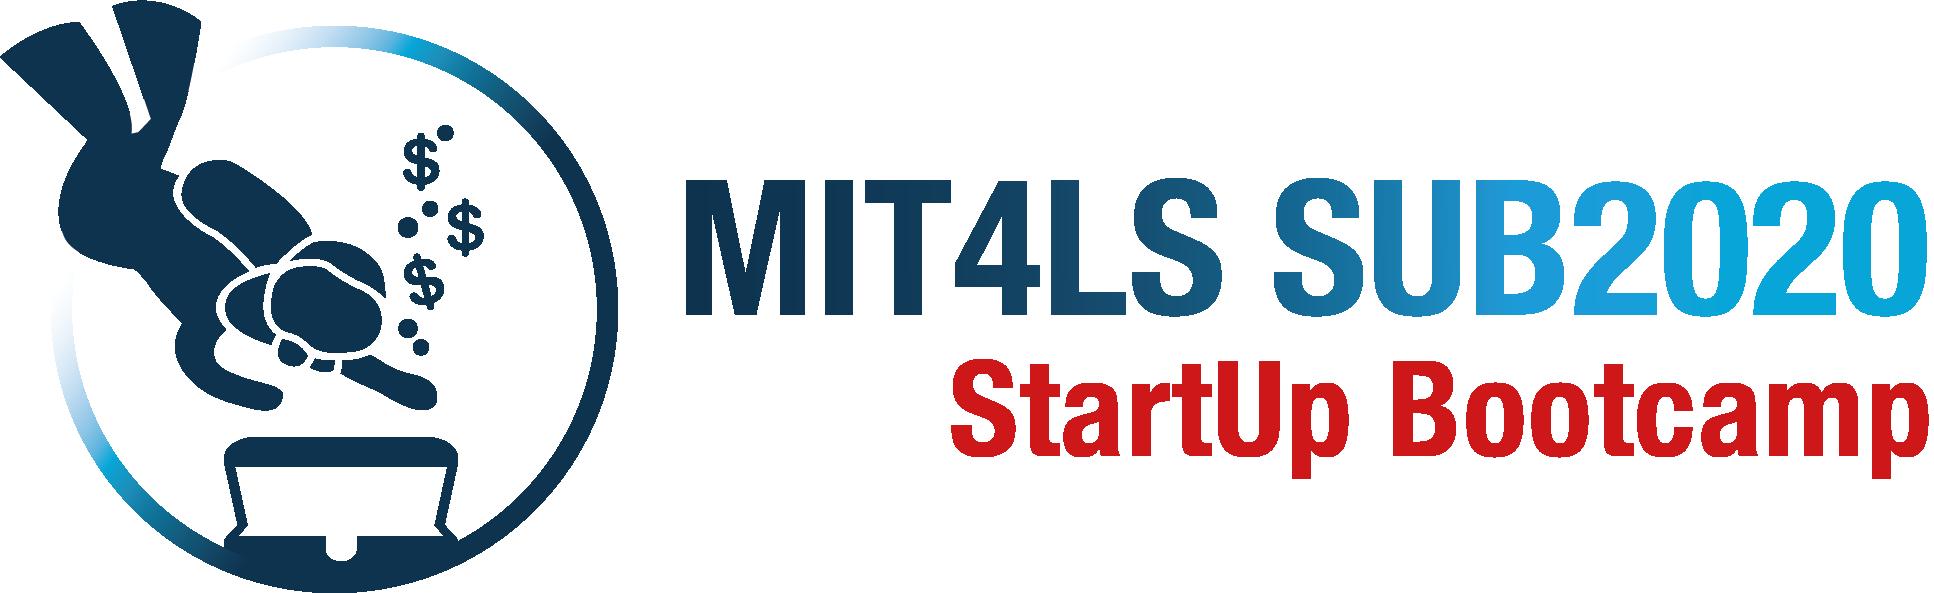 MIT4LS SUB2020 StartUp Bootcamp